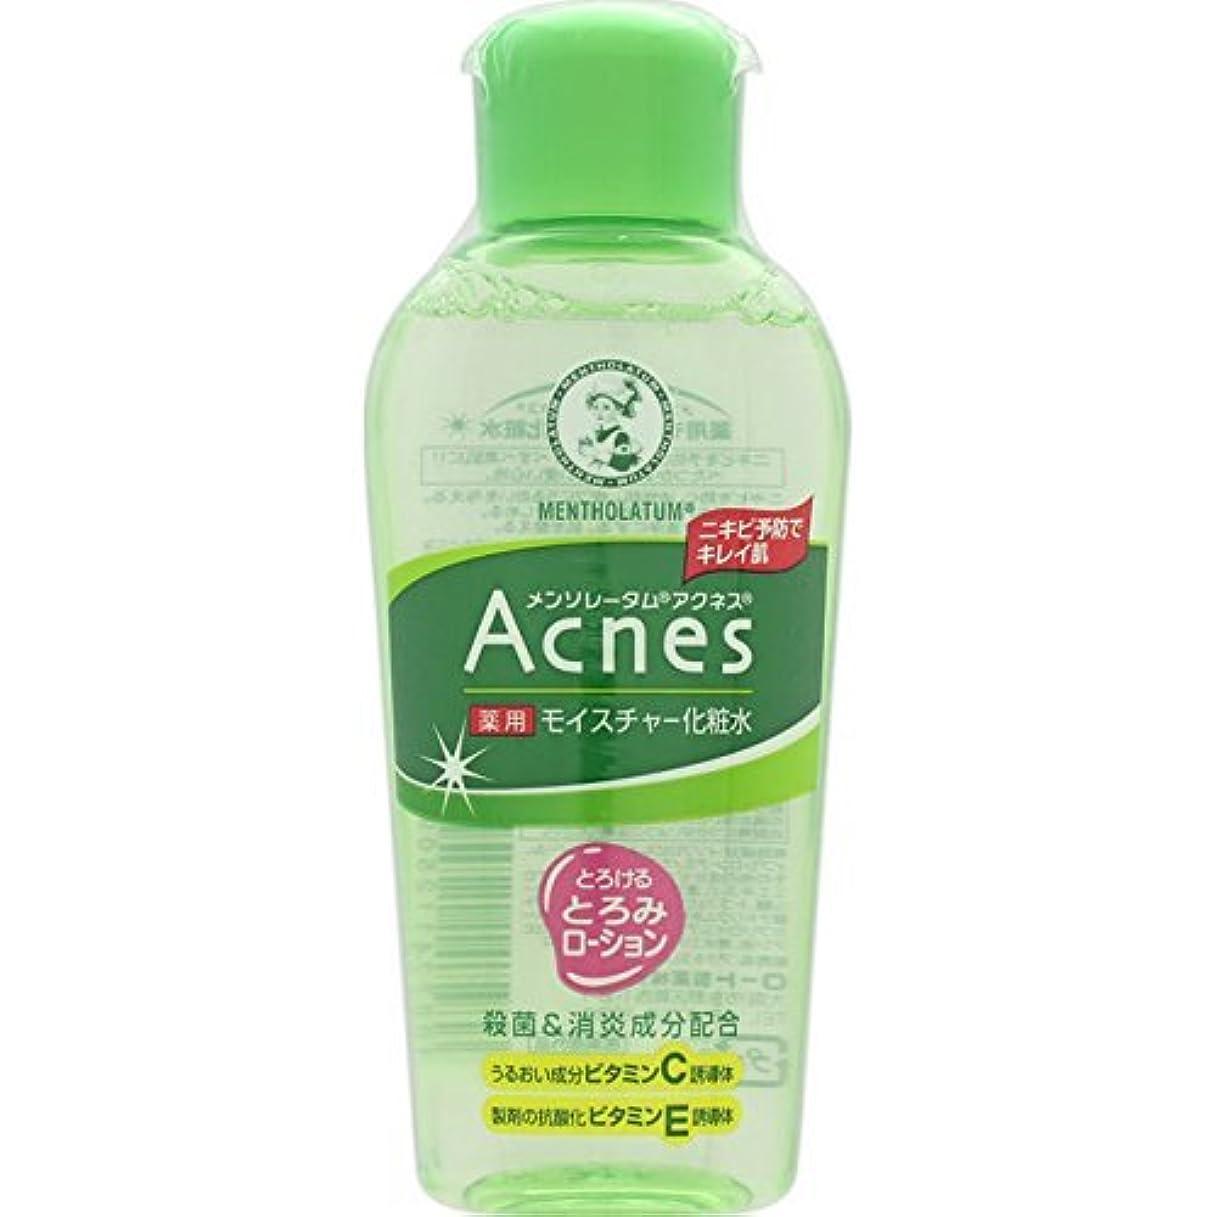 ラップトップ台風上がるAcnes(アクネス) 薬用モイスチャー化粧水 120mL【医薬部外品】